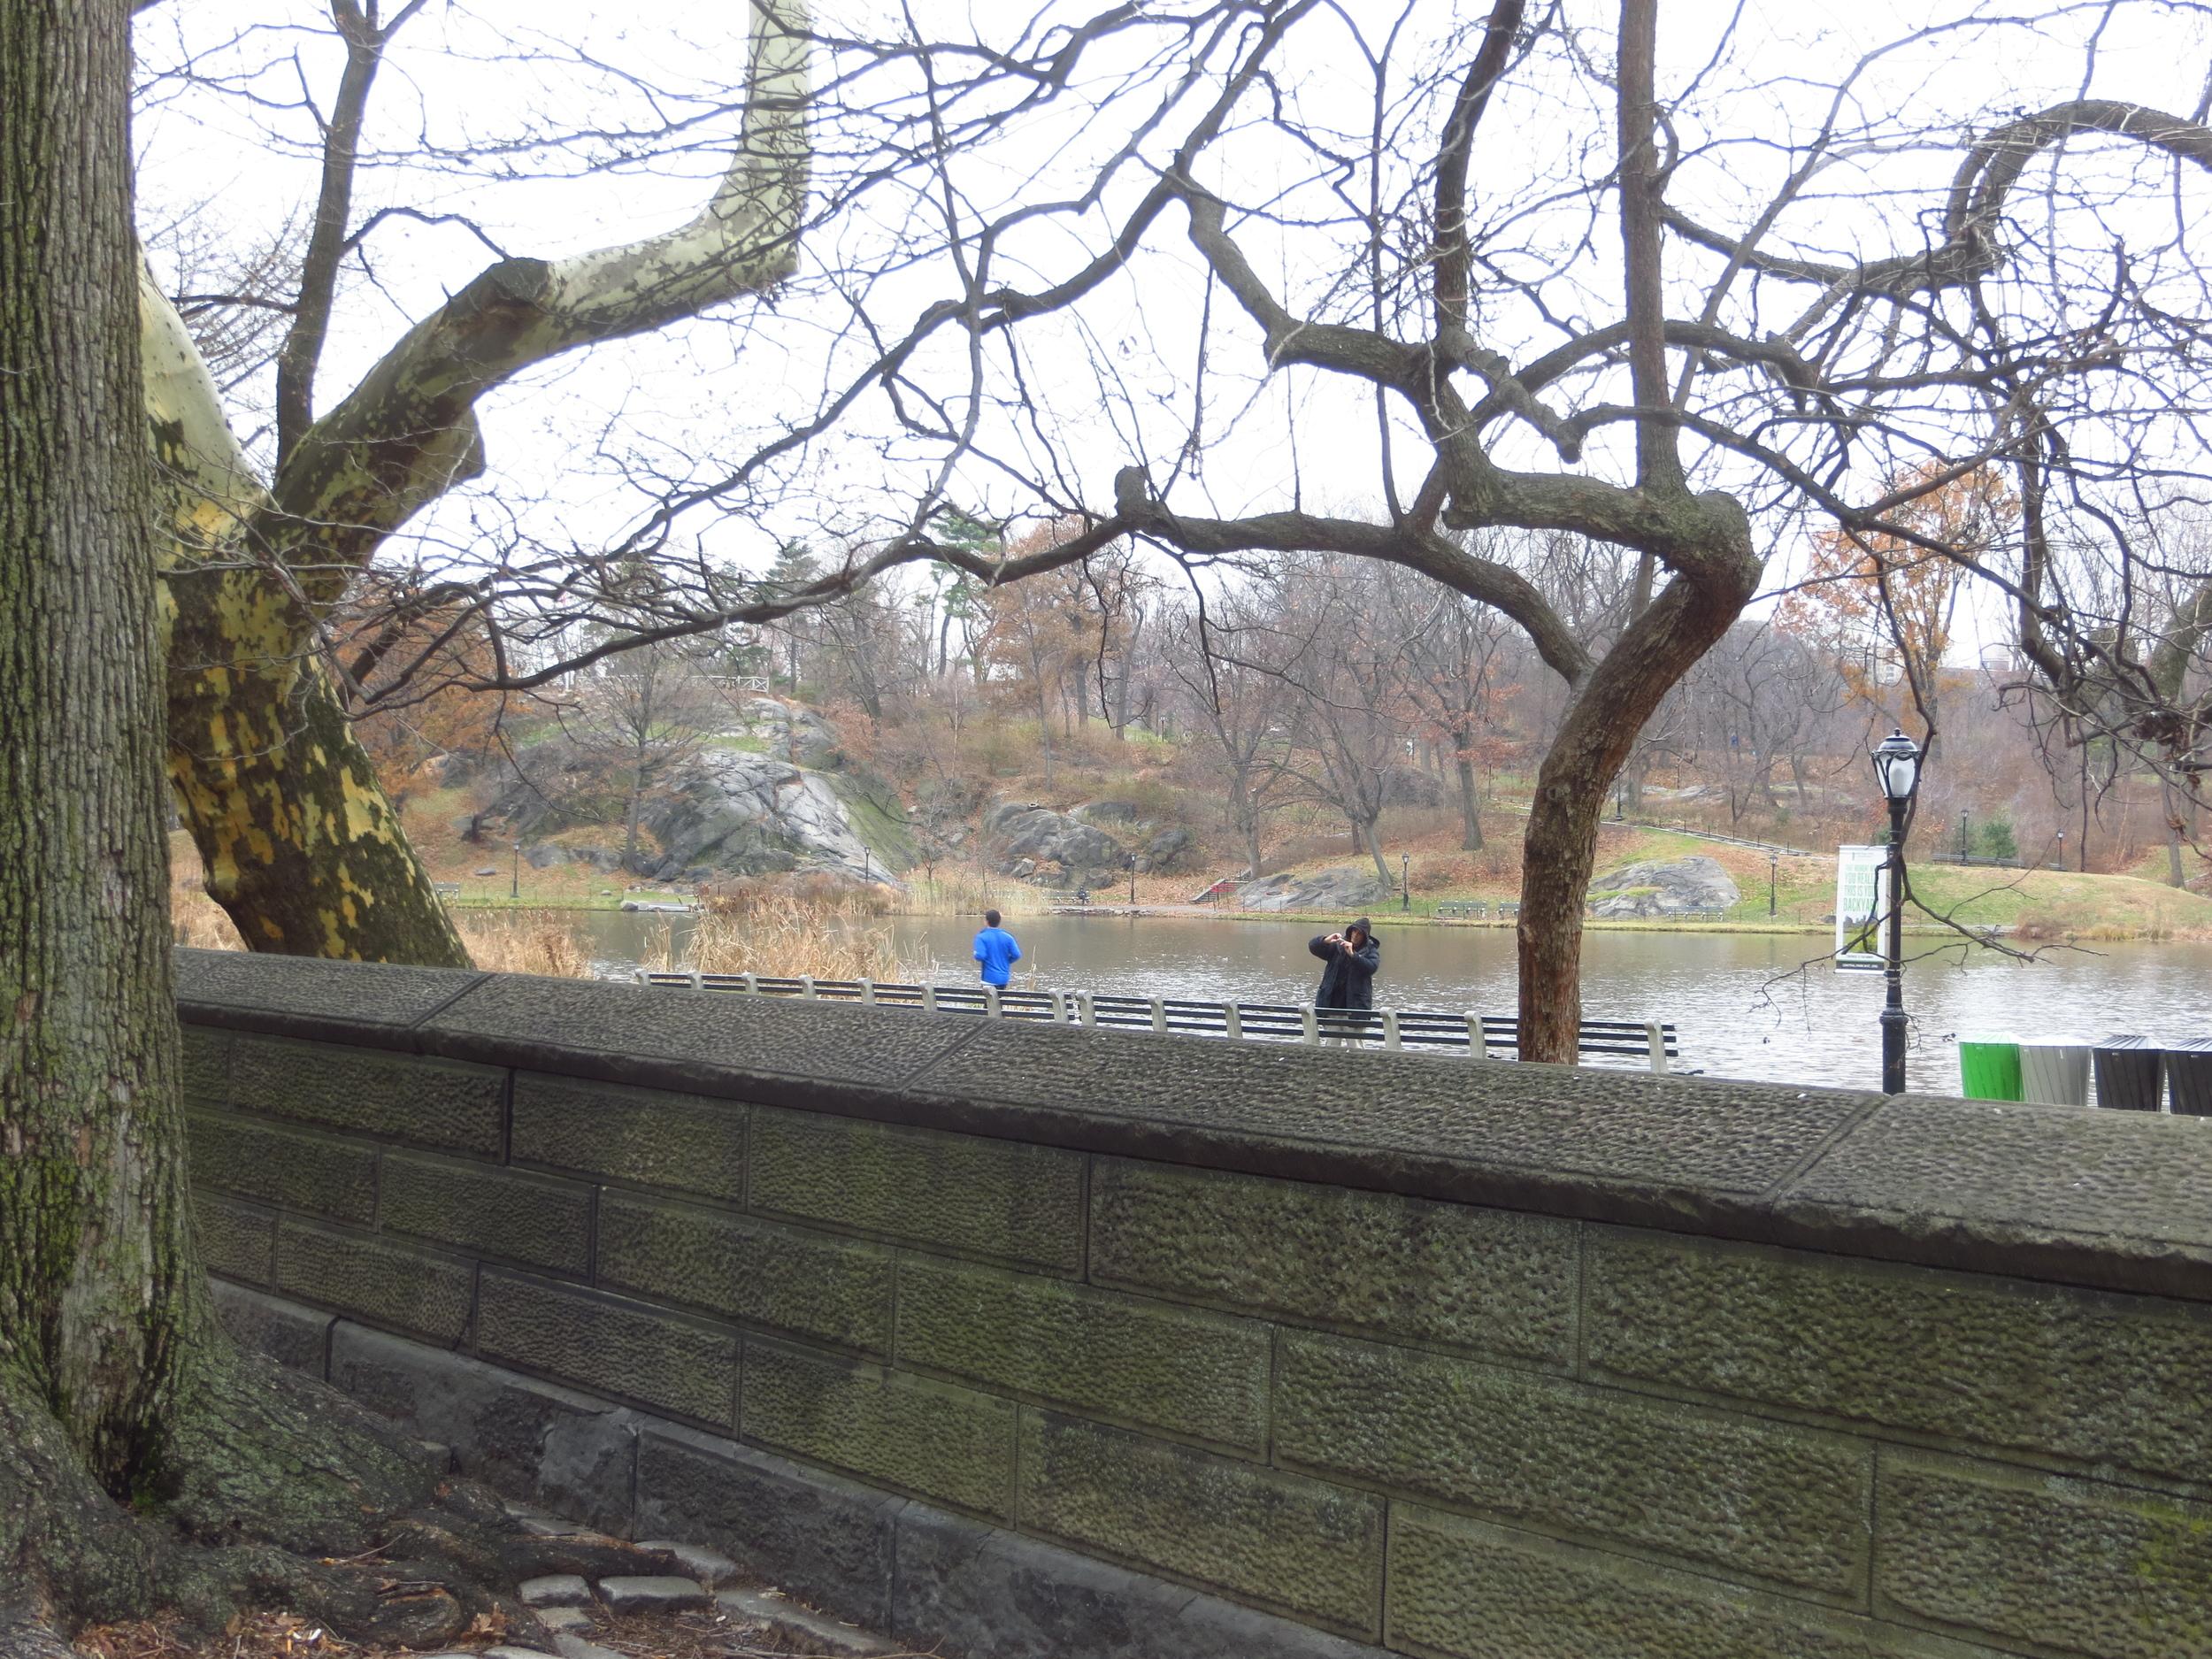 Harlem Meer (north end of Central Park)